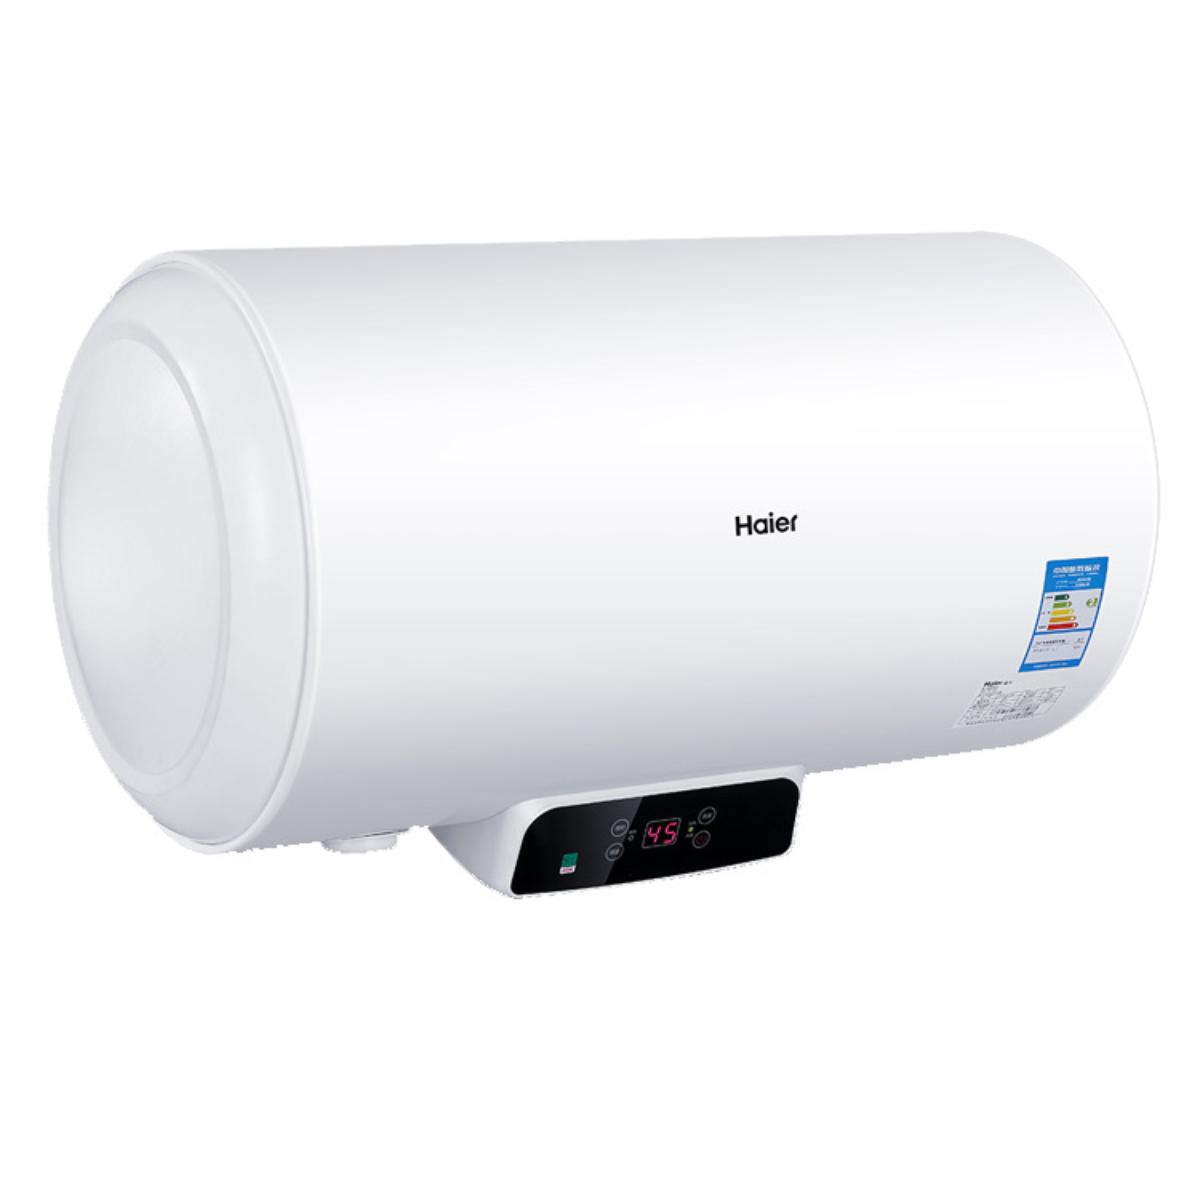 Haier/海尔电热水器EC4002-Q6